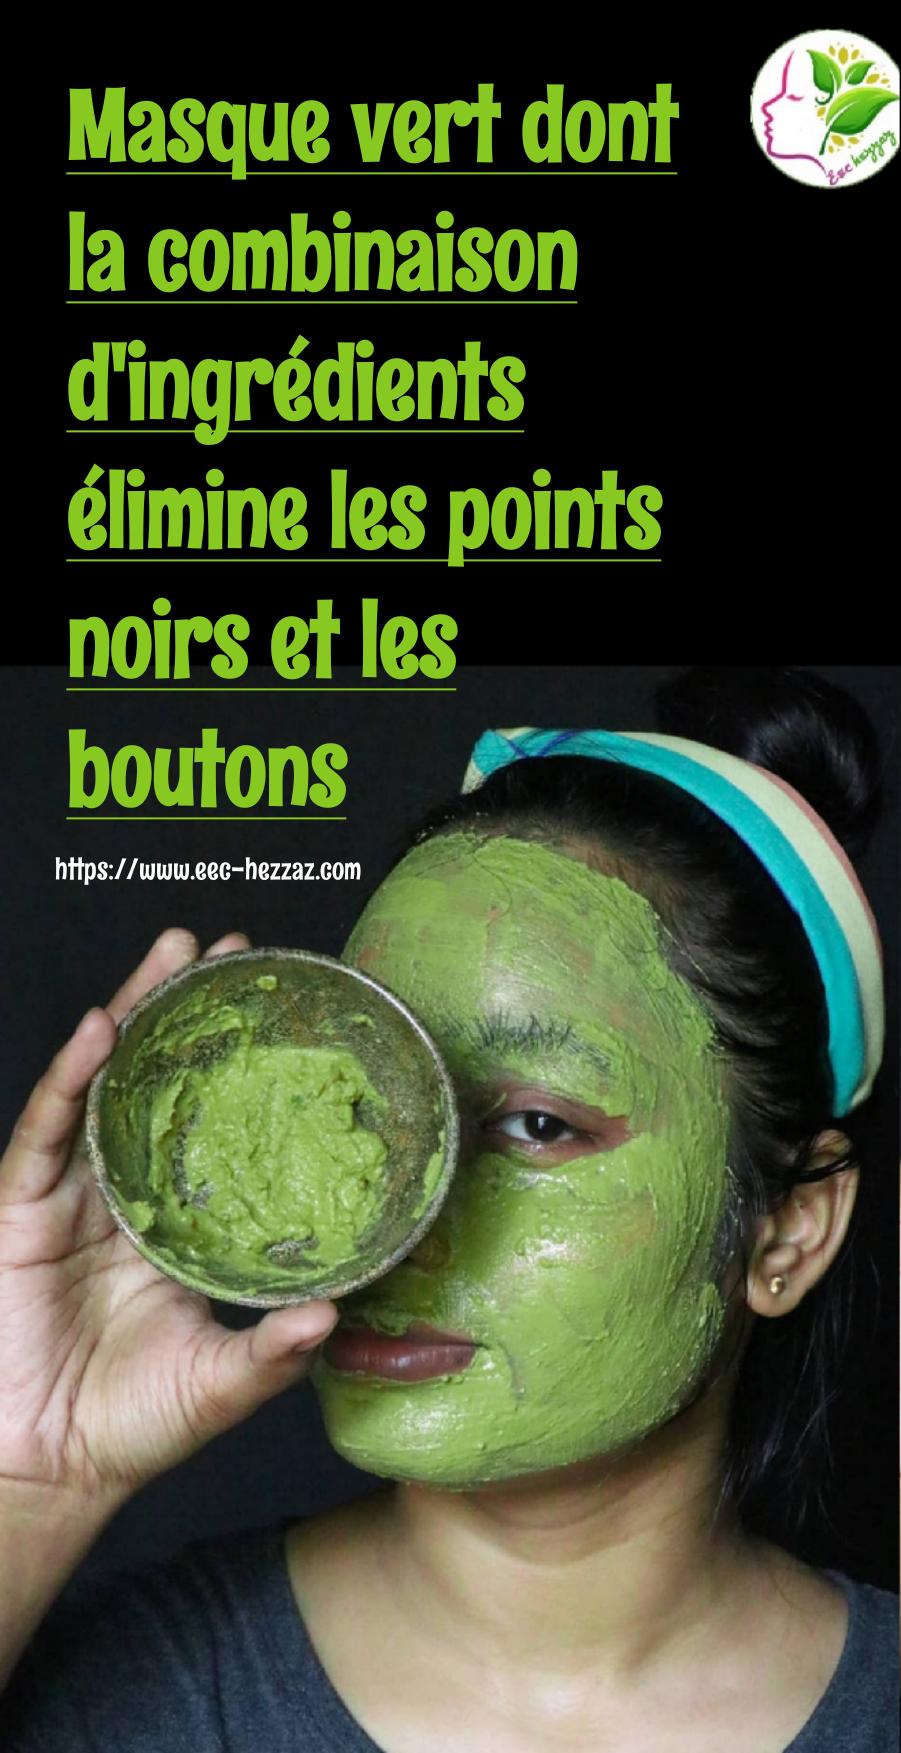 Masque vert dont la combinaison d'ingrédients élimine les points noirs et les boutons